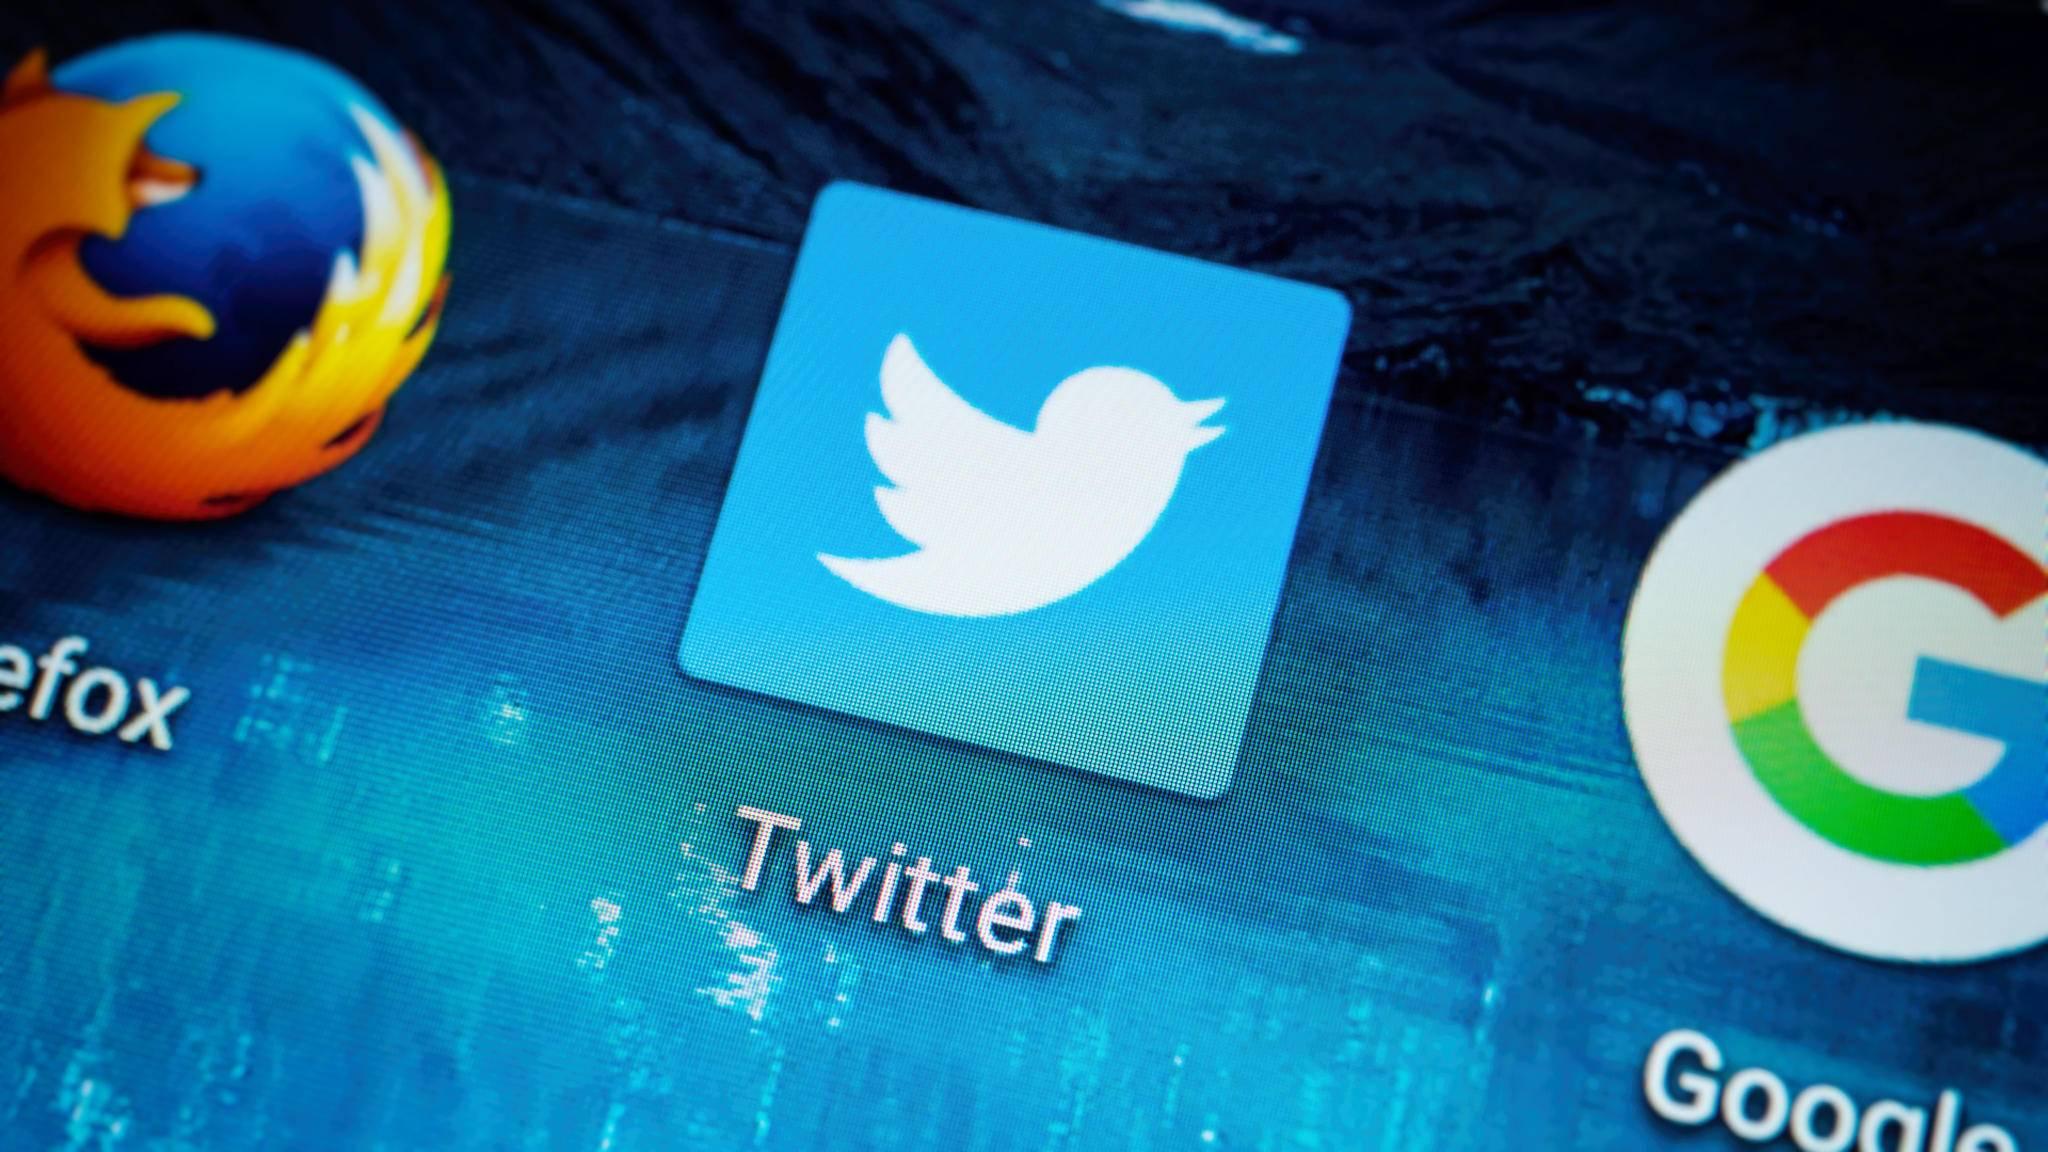 Twitter testet eine neue Funktion: den sogenannten Tweetstorm.